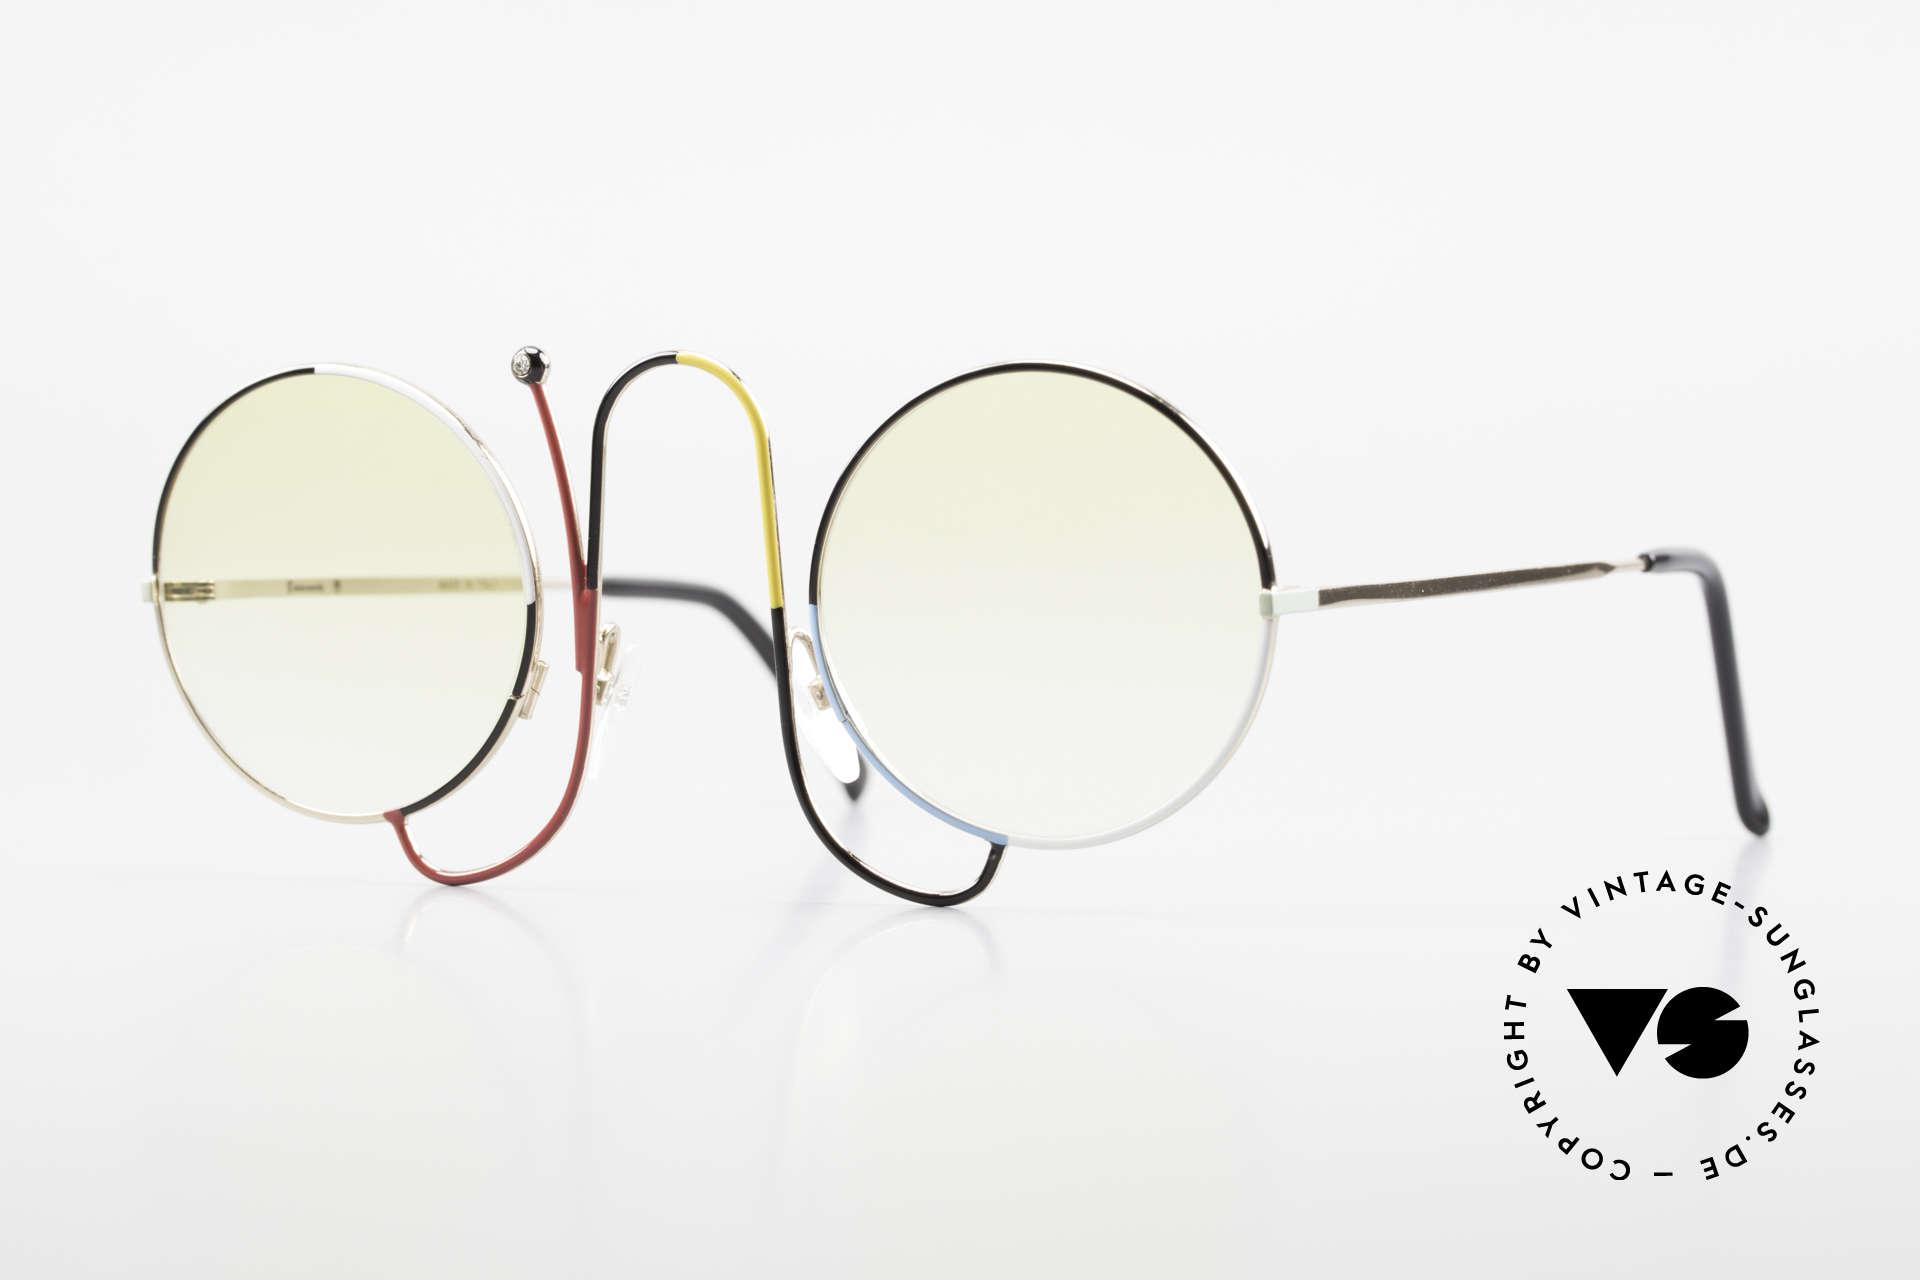 Casanova CMR 1 Rare 80er Kunst Sonnenbrille, zauberhafte Casanova Brille von ca. 1985, Passend für Damen